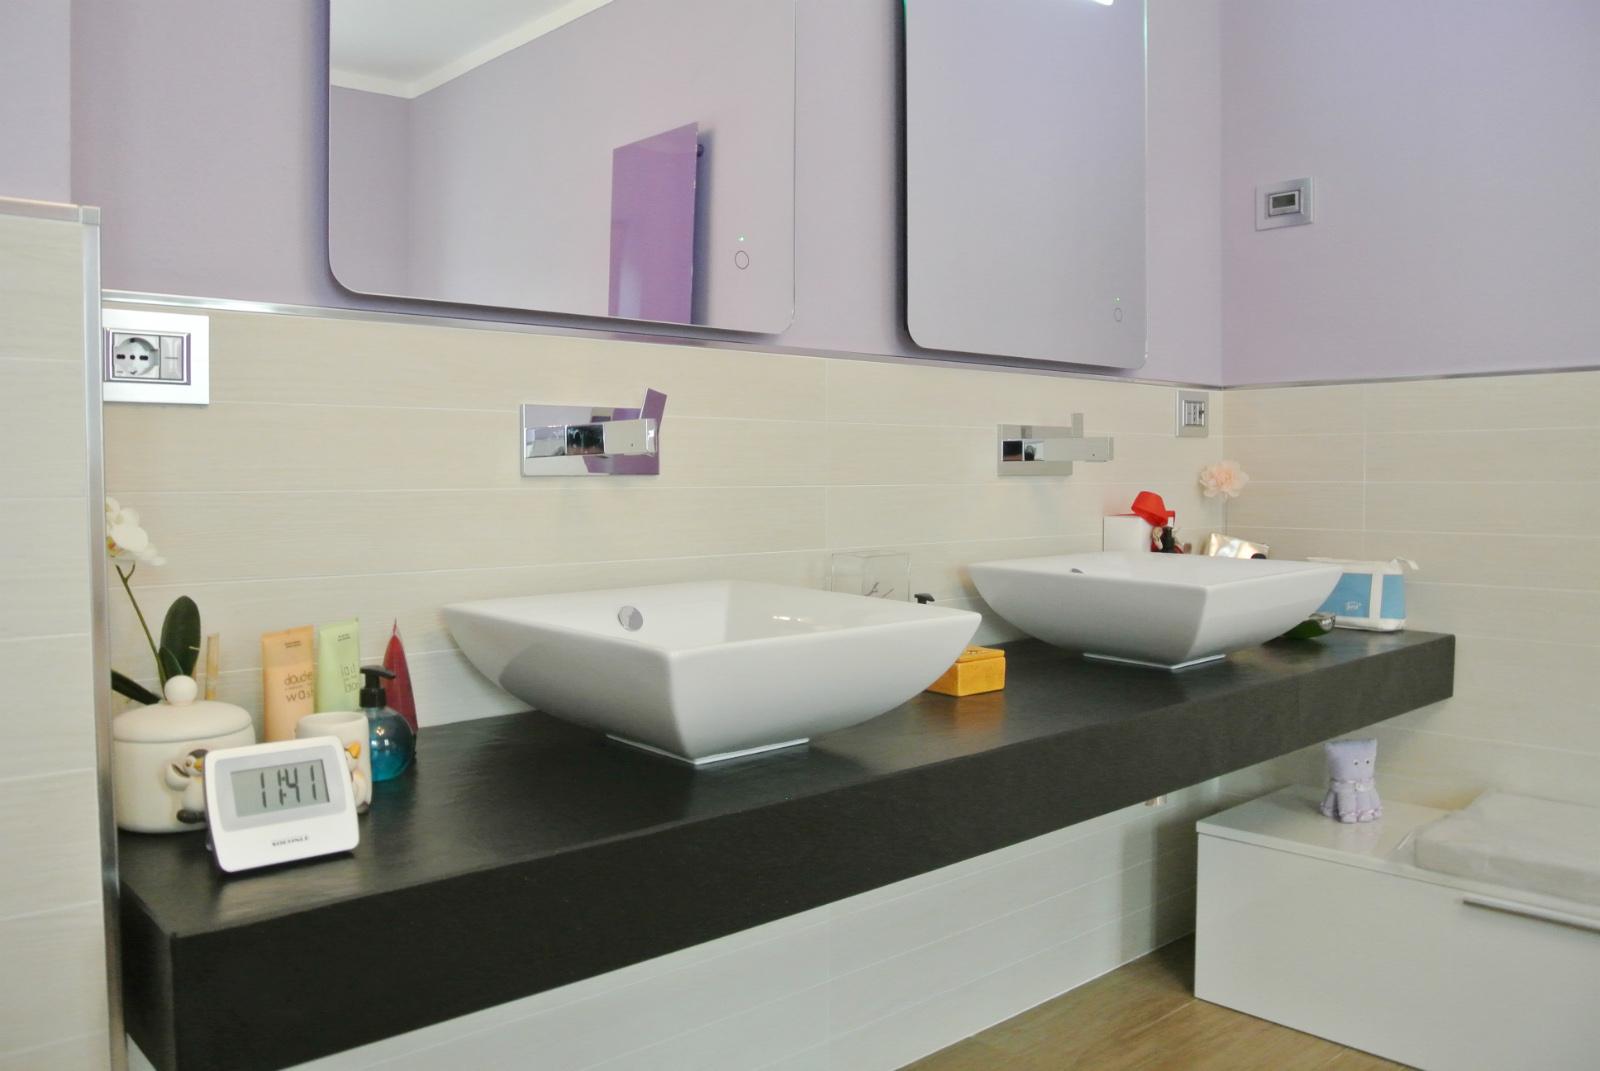 sintesibagno-verbania-svizzera-canton-ticino-piano-lavabo-arredobagno-01